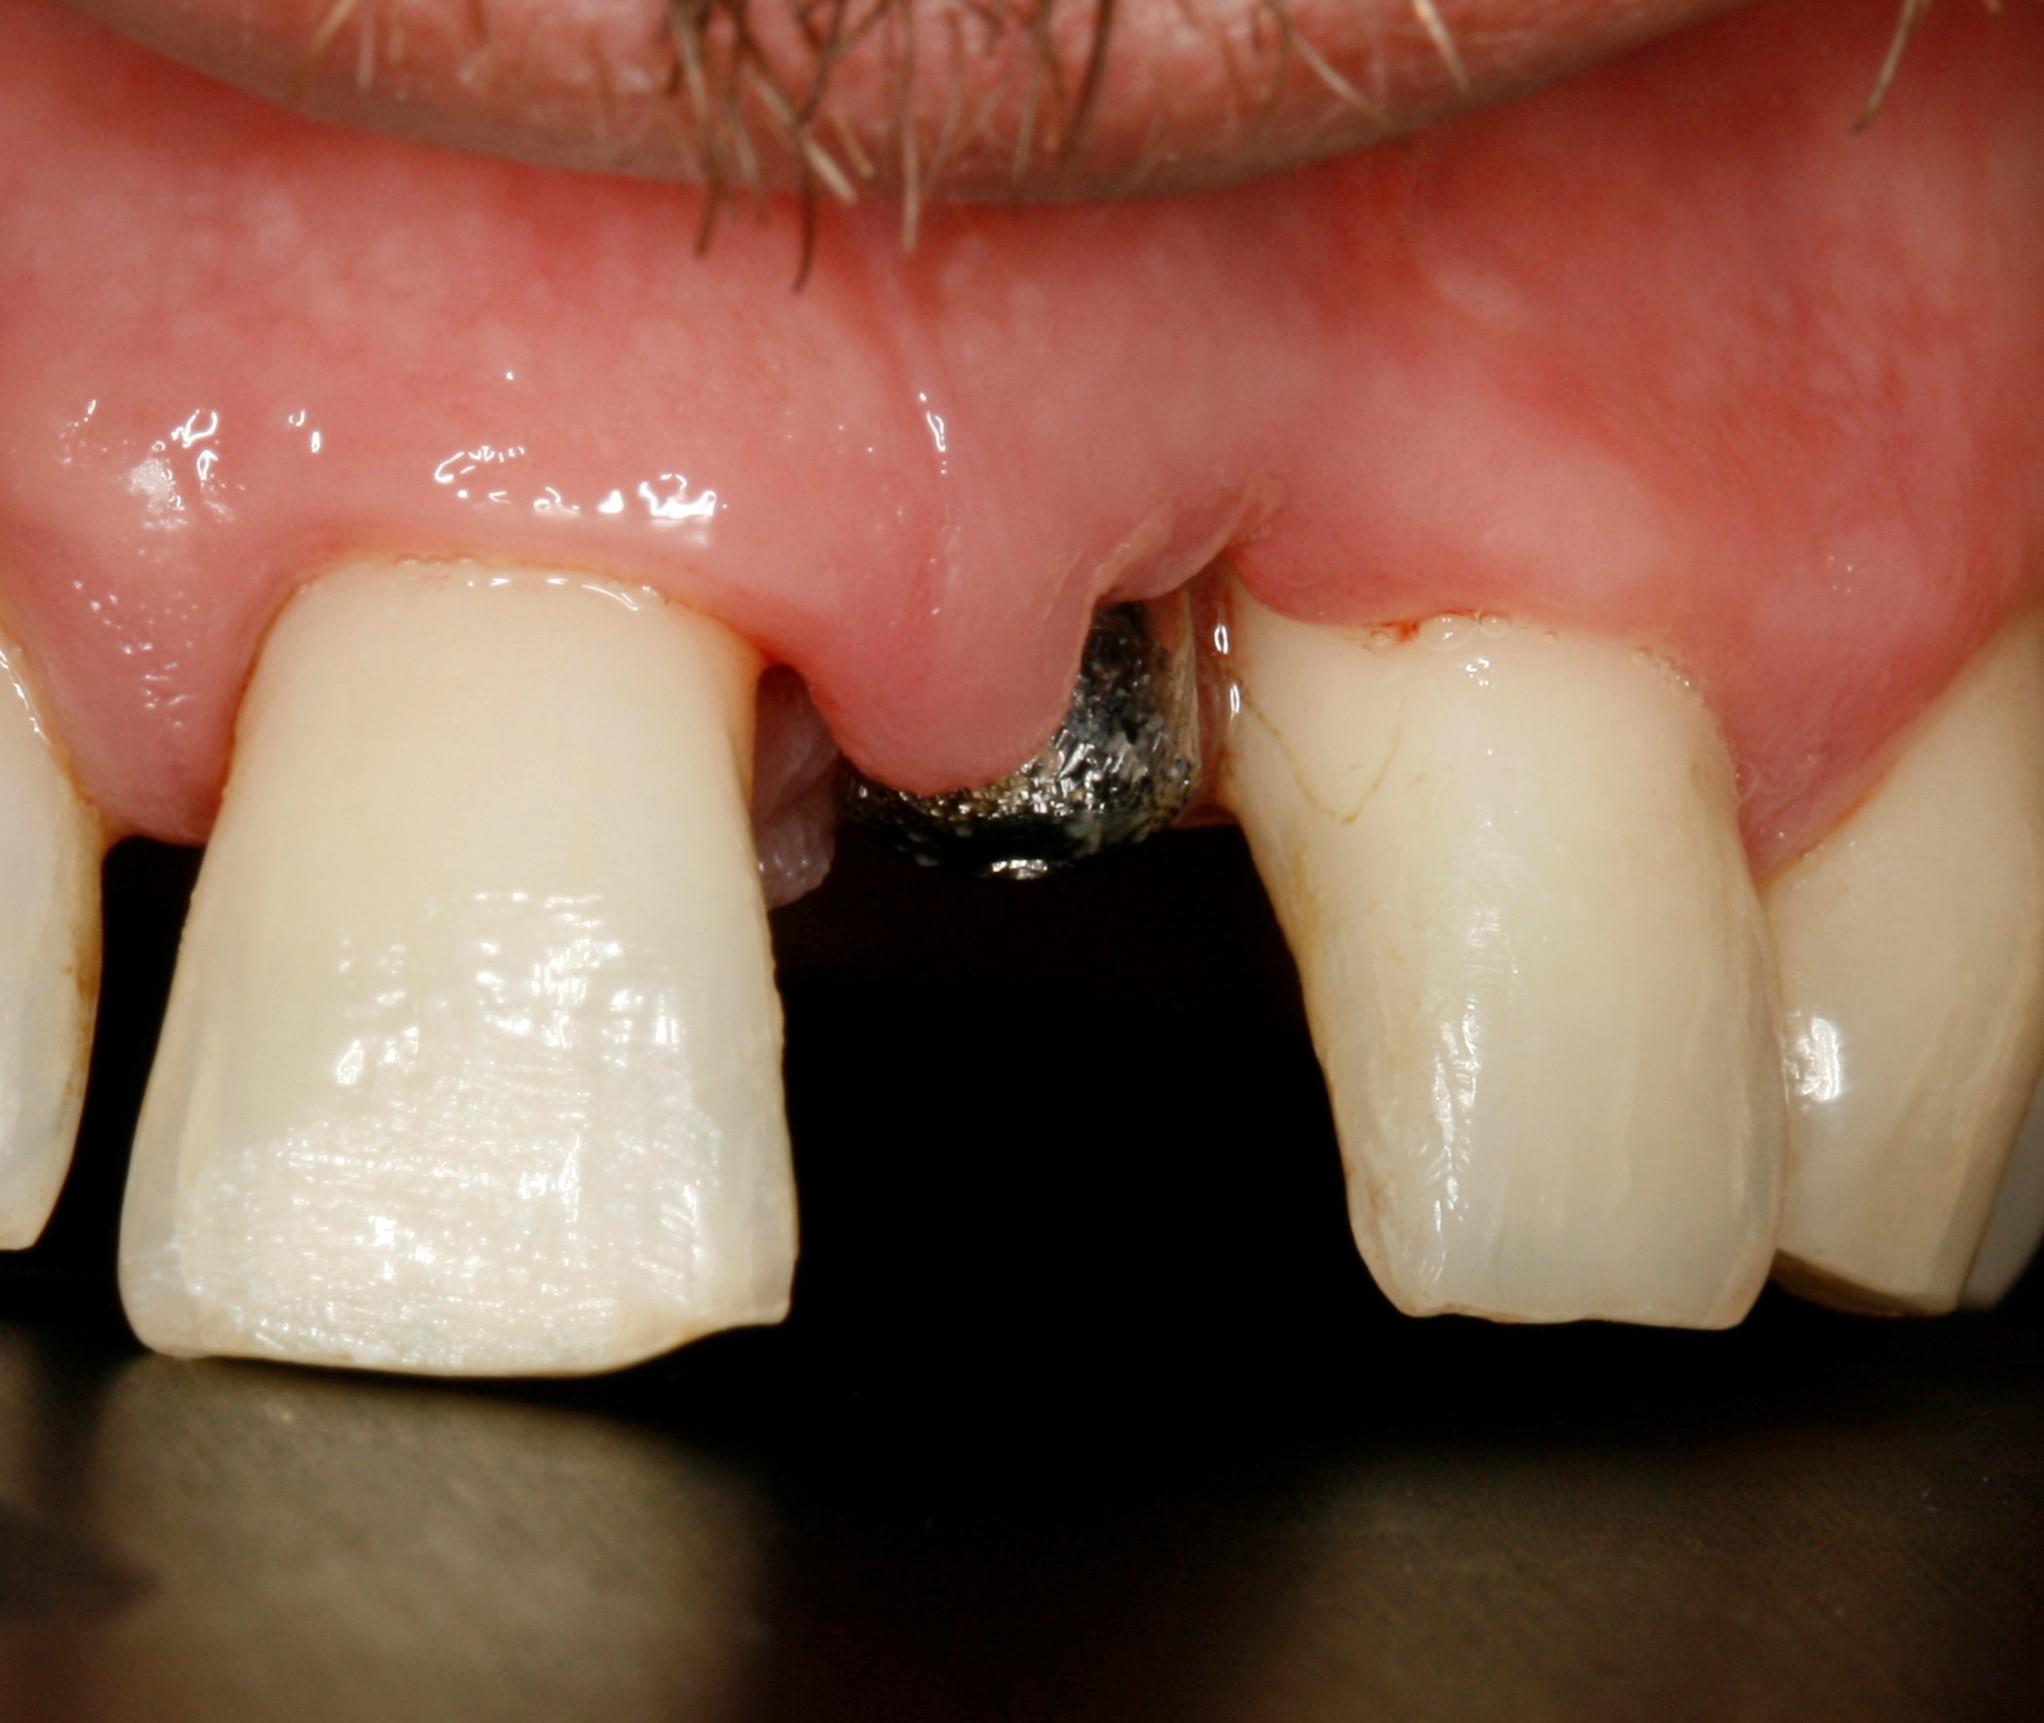 2 meses con el implante colocado